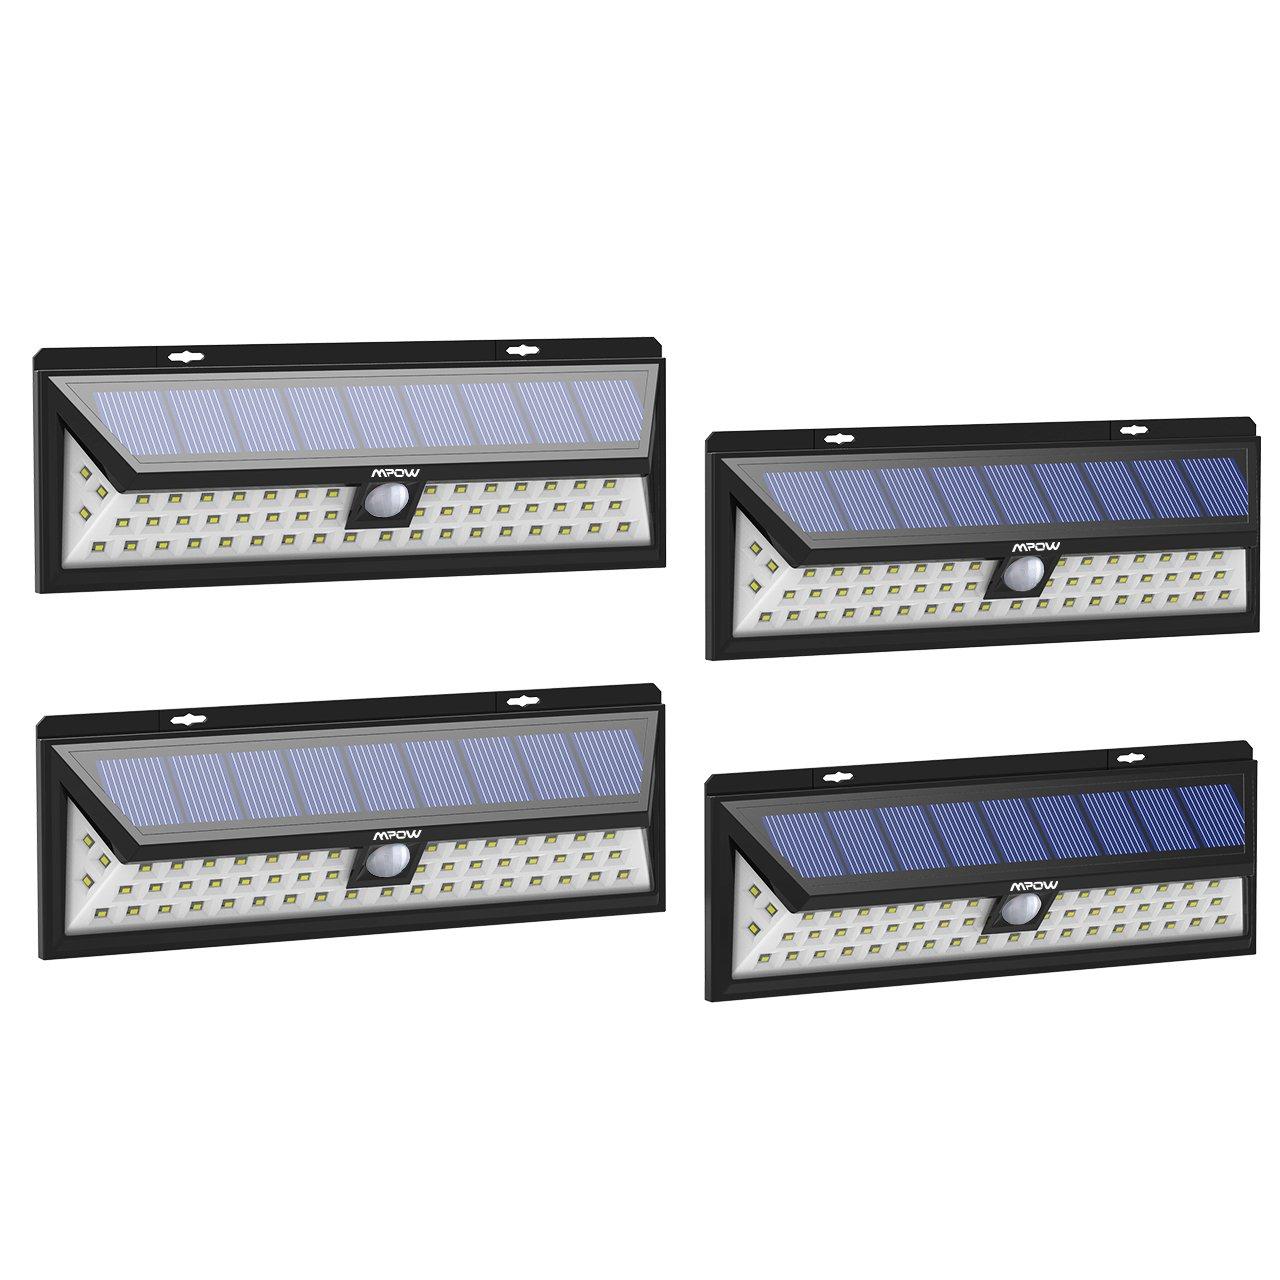 Mpow 54LED, ソーラーライト センサーライト 庭 54led 人感センサー 3つ点灯モード 防水 屋外防犯ライト Mode, 自動点灯 庭 玄関 駐車場 停電緊急対策 防災対応 4個 54LED, 3 Mode, 4 Pack B073WBZLK6, まめぞう:c5a285e0 --- krianta.ru